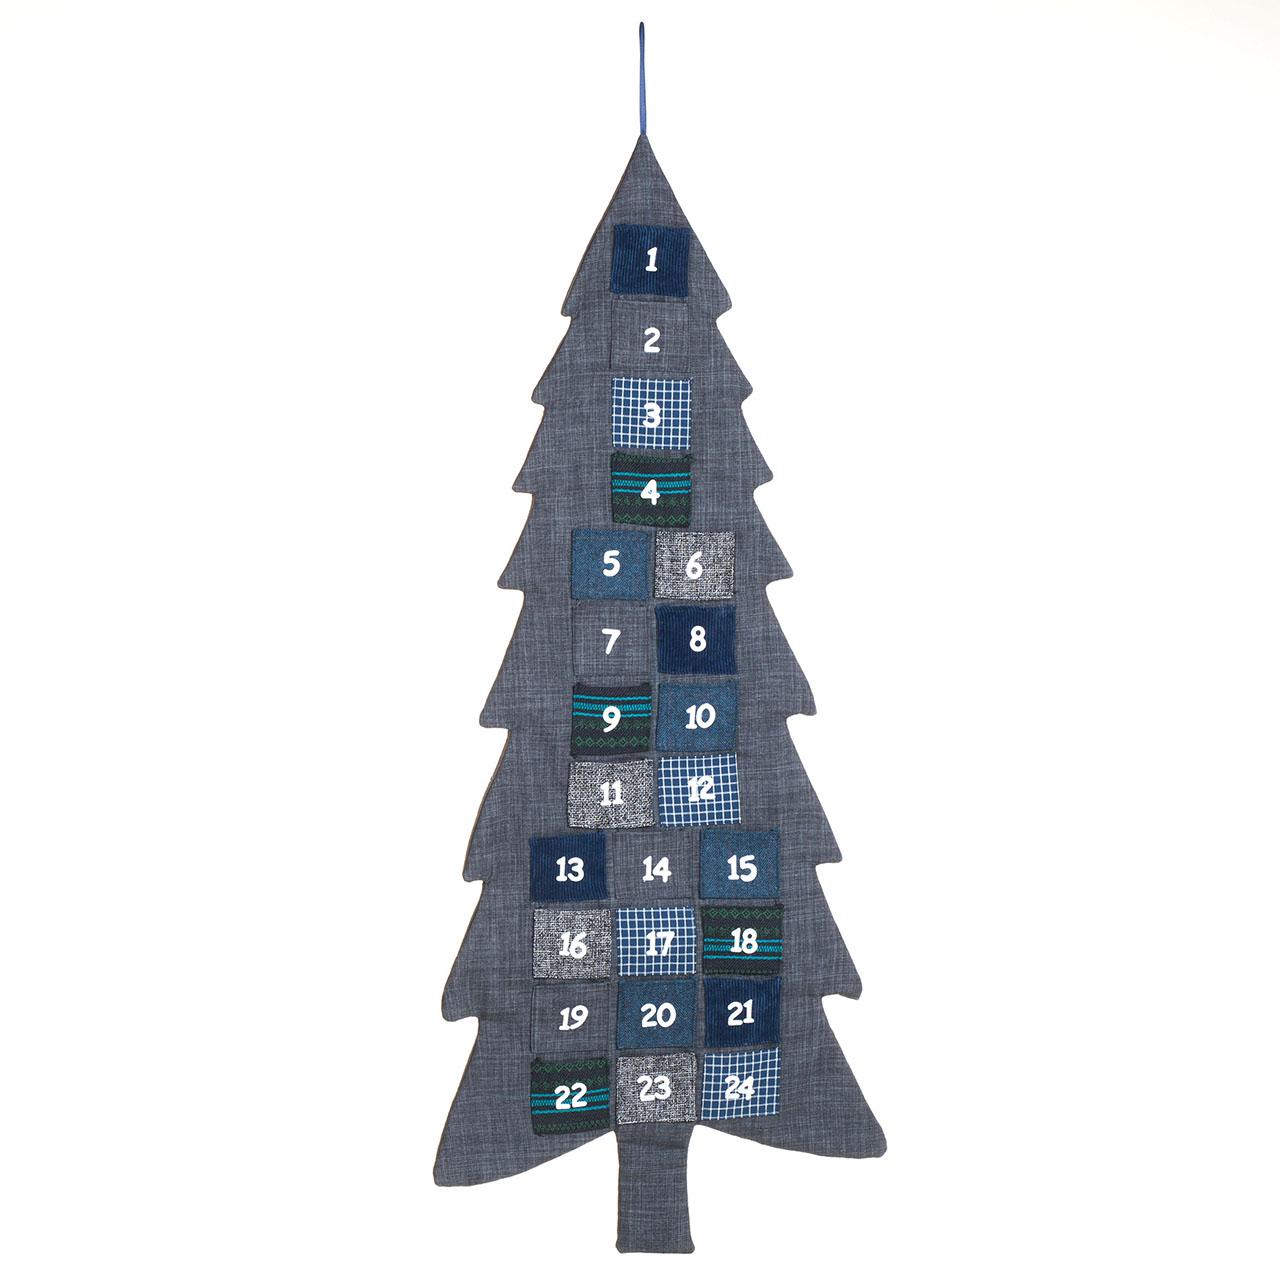 adventskalender weihnachtsbaum zum selbst bef llen aus stoff ebay. Black Bedroom Furniture Sets. Home Design Ideas